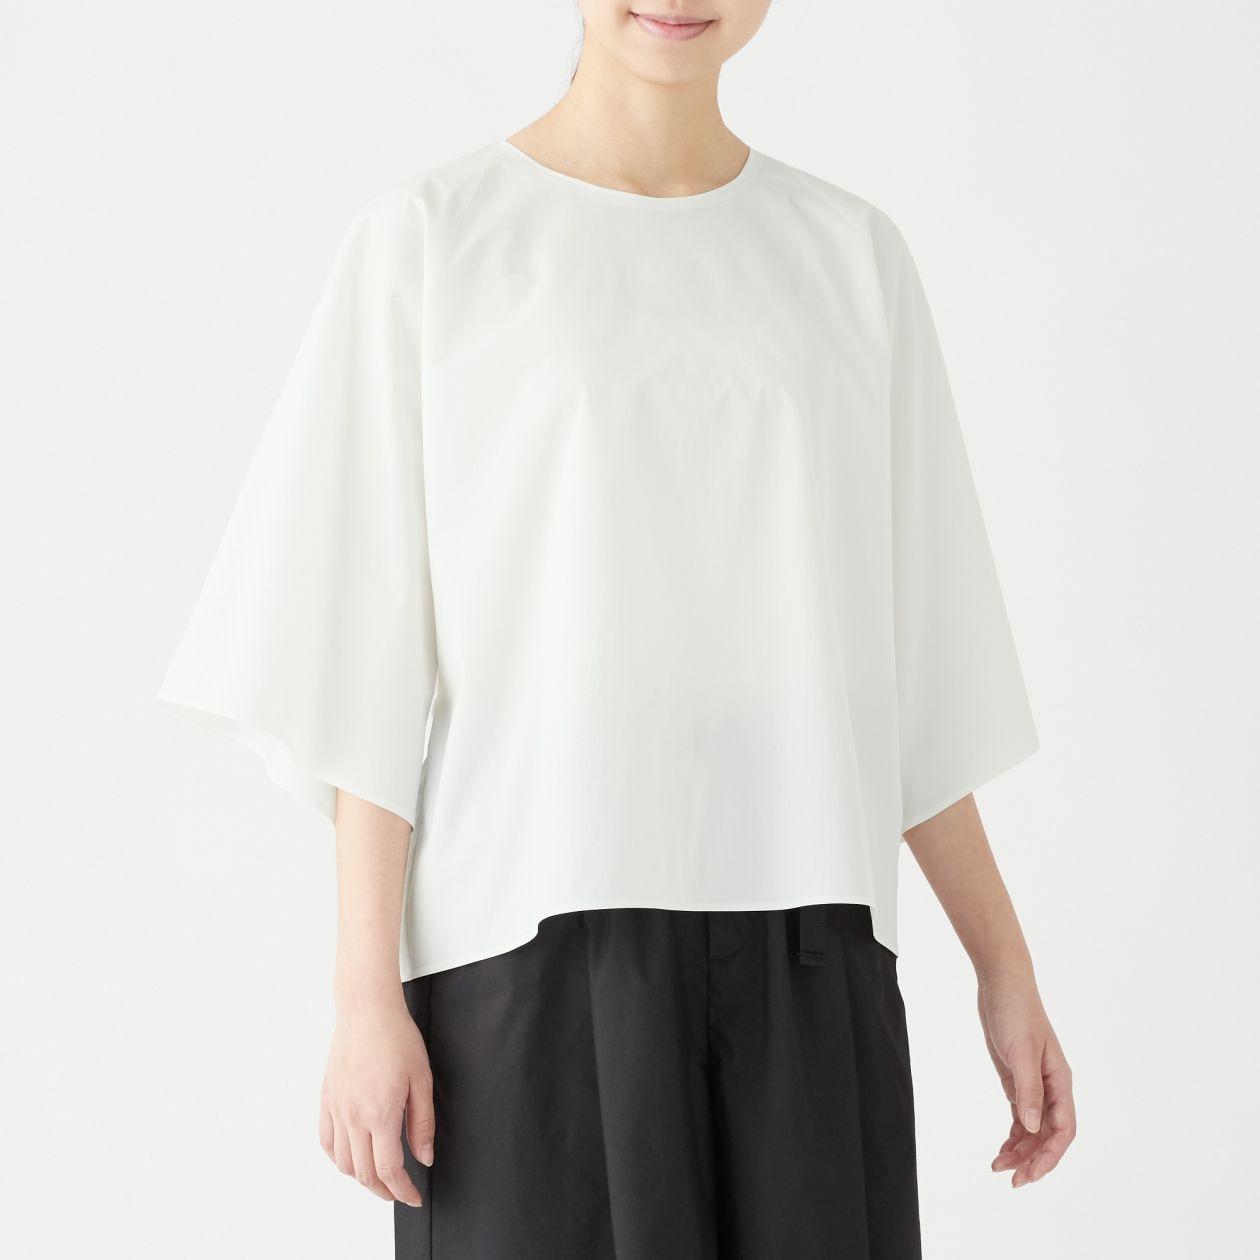 女速乾縱橫彈性聚酯纖維壓褶七分袖套衫 白色ONE SIZE | 無印良品